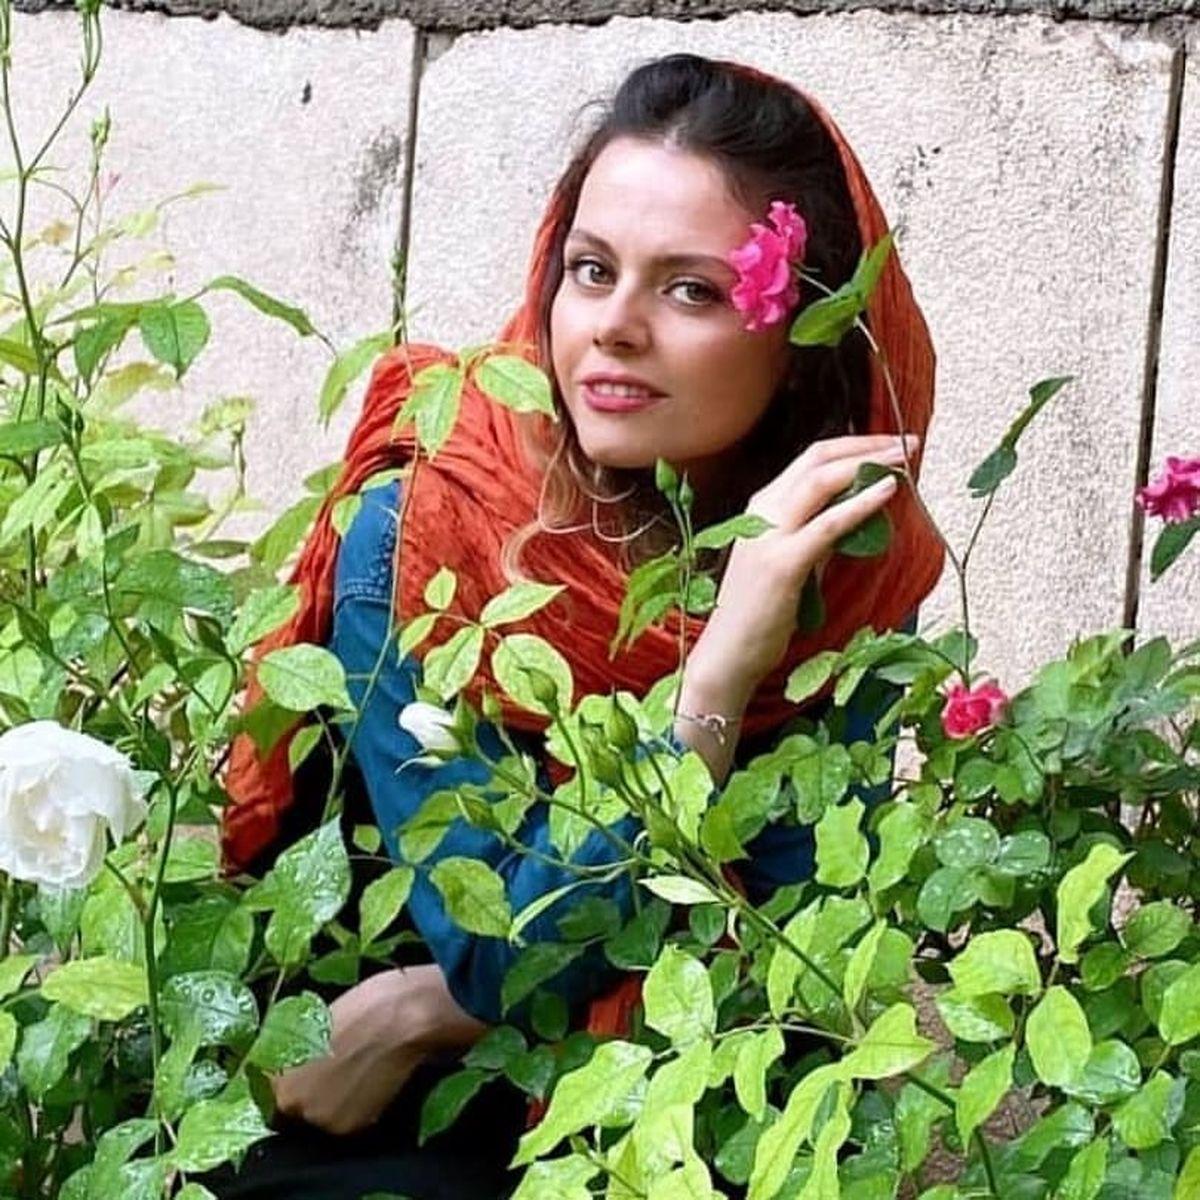 تصاویر جدید از غزال نظر بازیگر سریال احضار